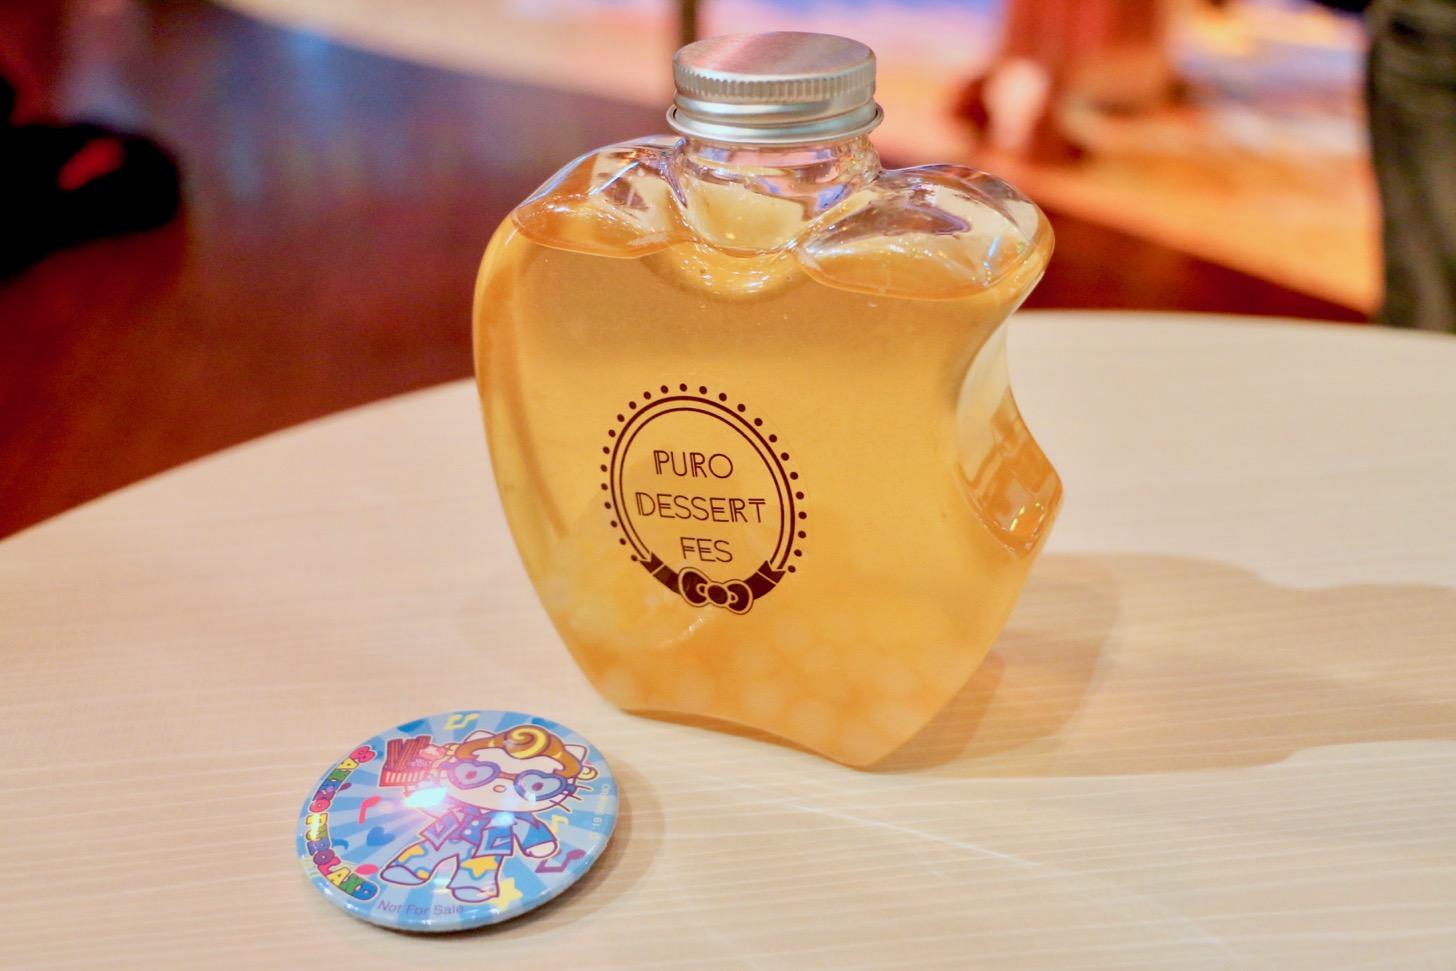 タピオカボトルドリンク(アップルマンゴー)はピューロ夏フェスオリジナル缶バッジ付き